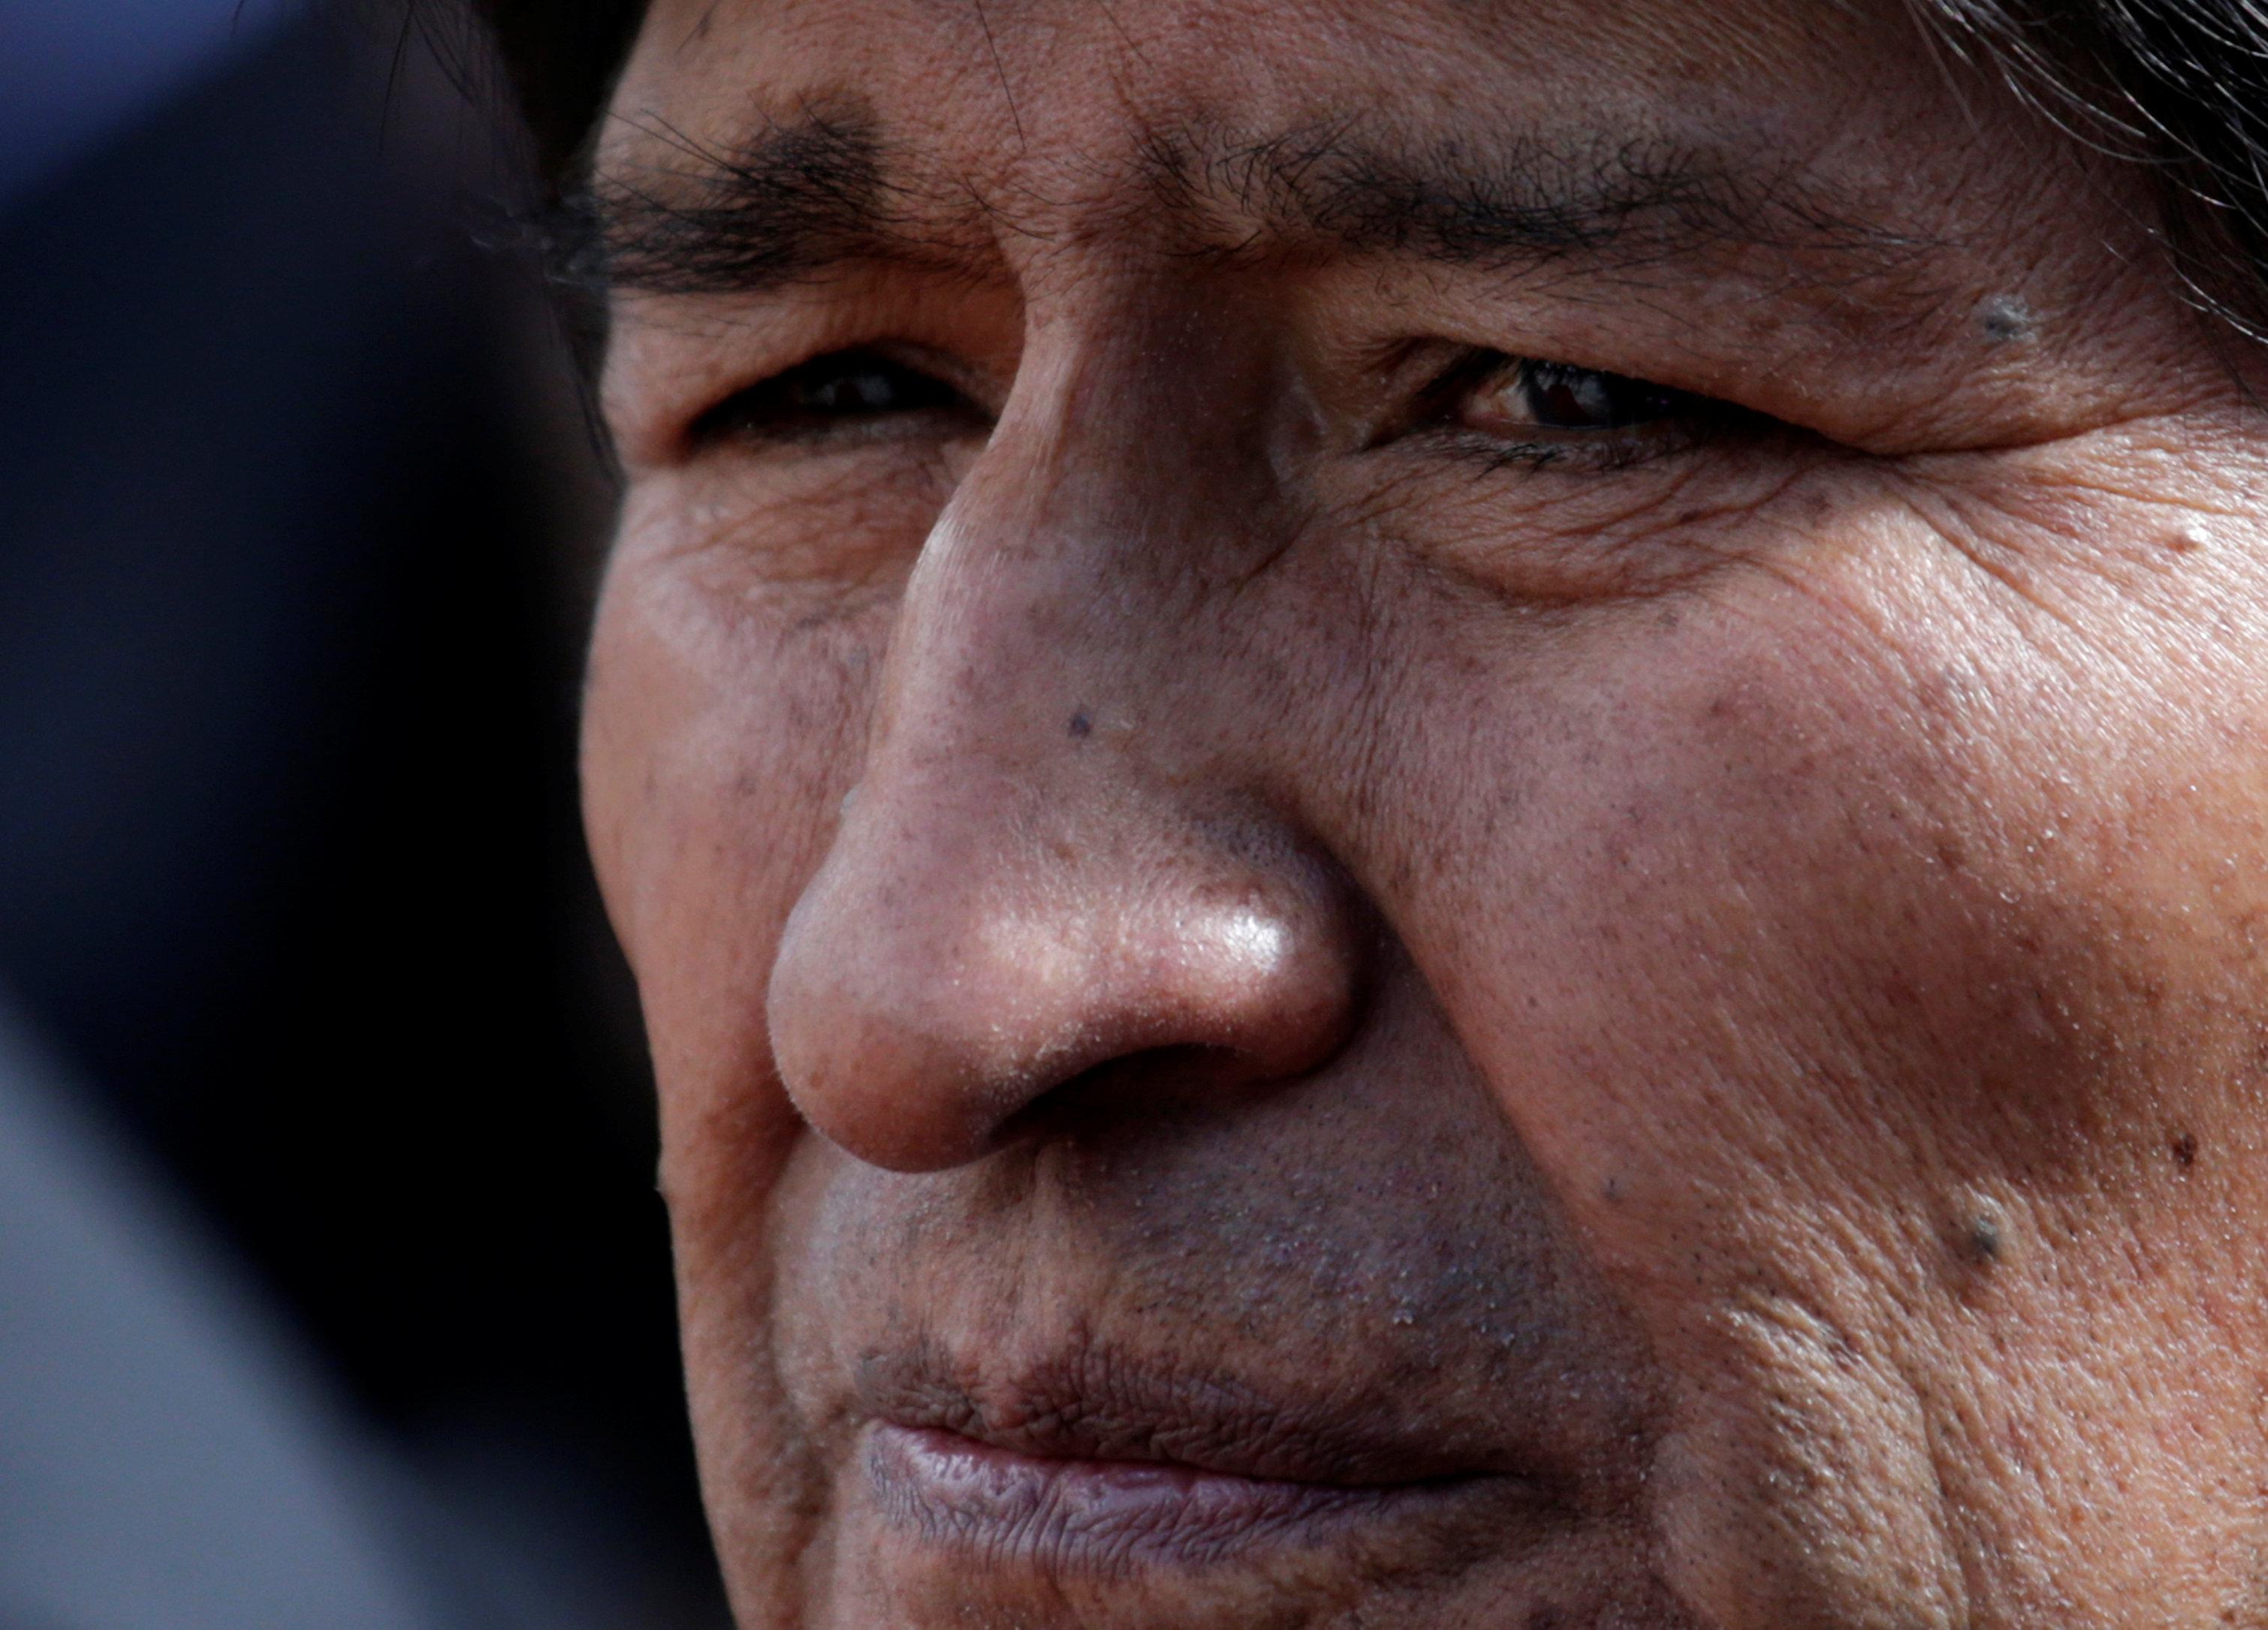 El presidente de Bolivia Evo Morales podría perder en segunda vuelta en las próximas elecciones (Reuters)